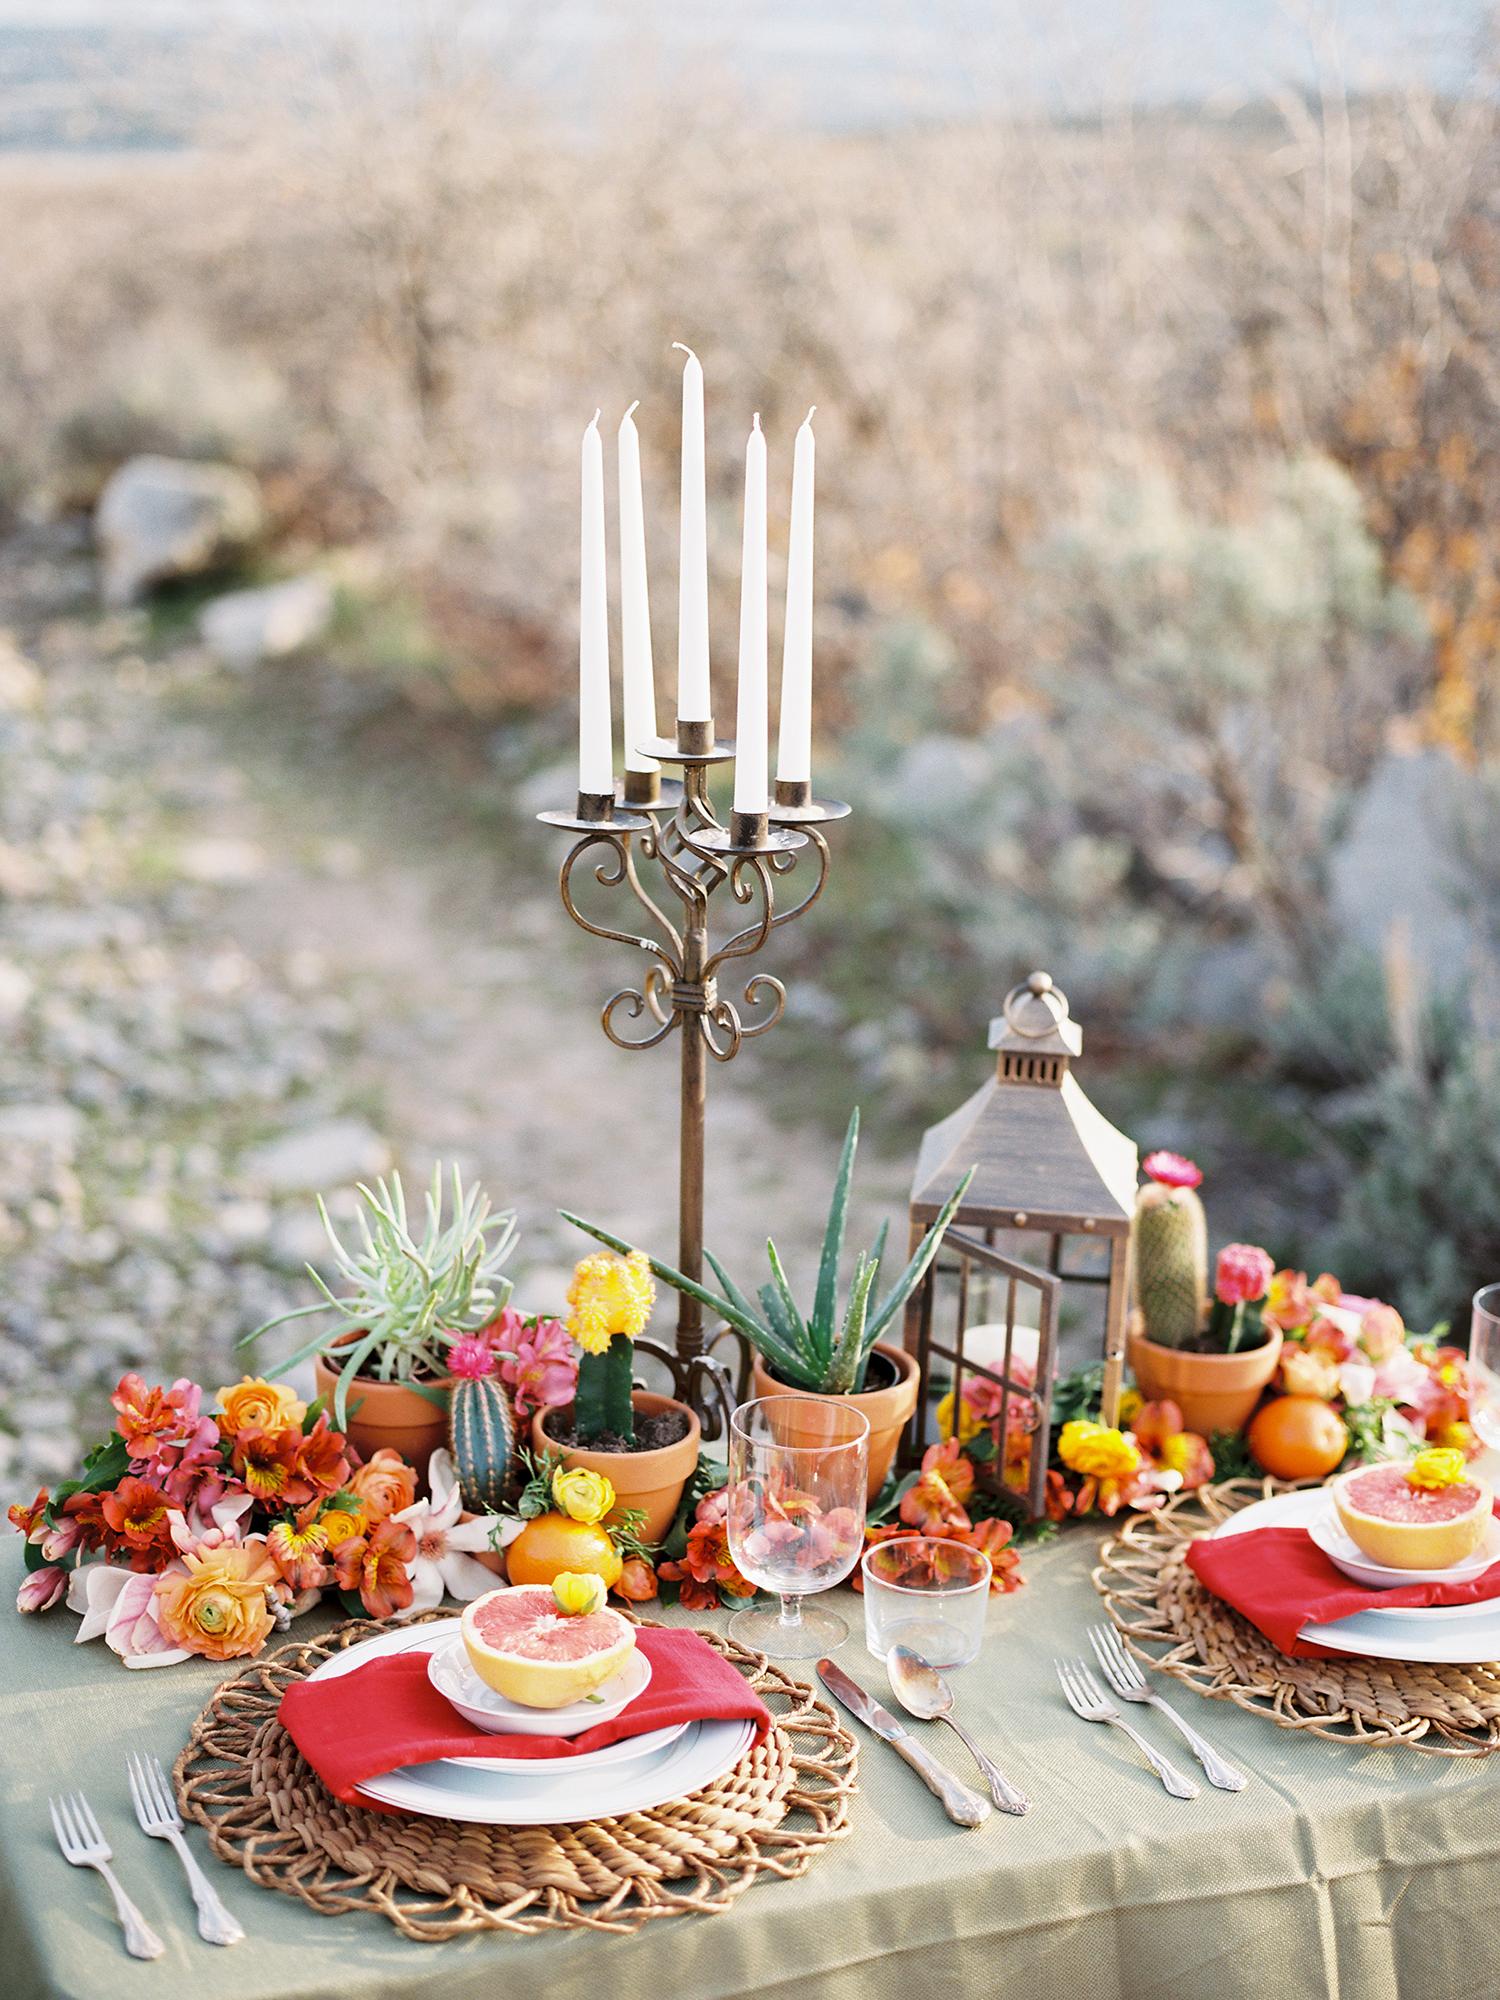 desert-inspired wedding centerpiece